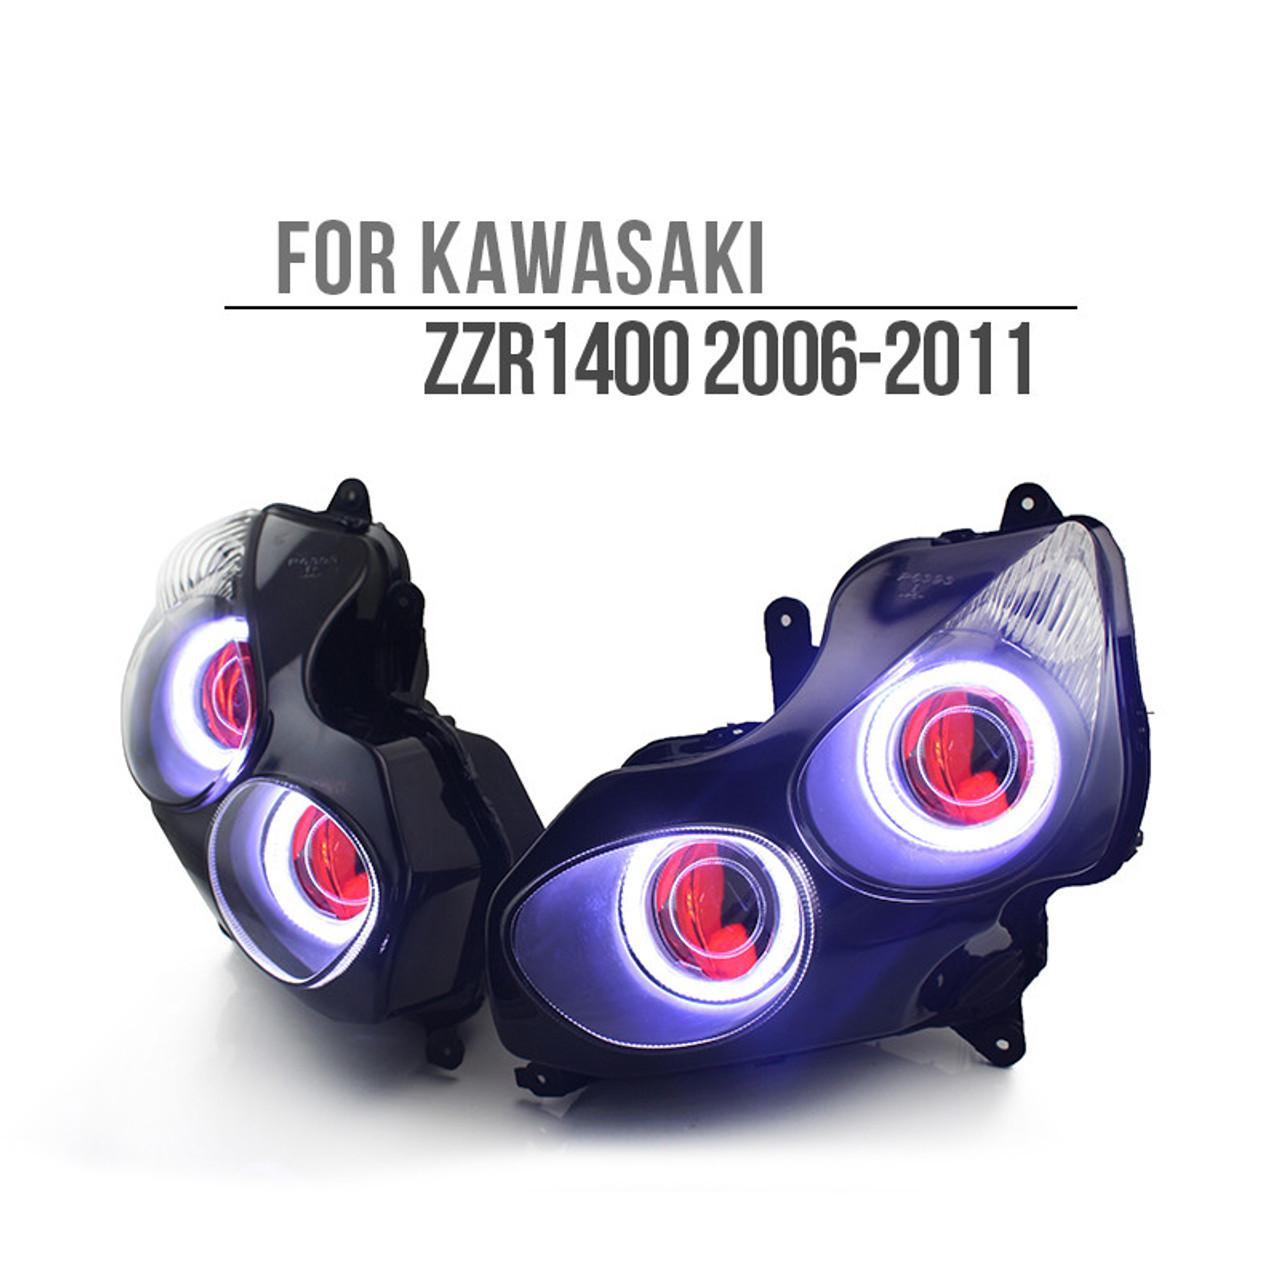 small resolution of wiring harness 2008 zx14 wiring diagram insidekawasaki zx14r zzr1400 headlight 2006 2007 2008 2009 2010 2011